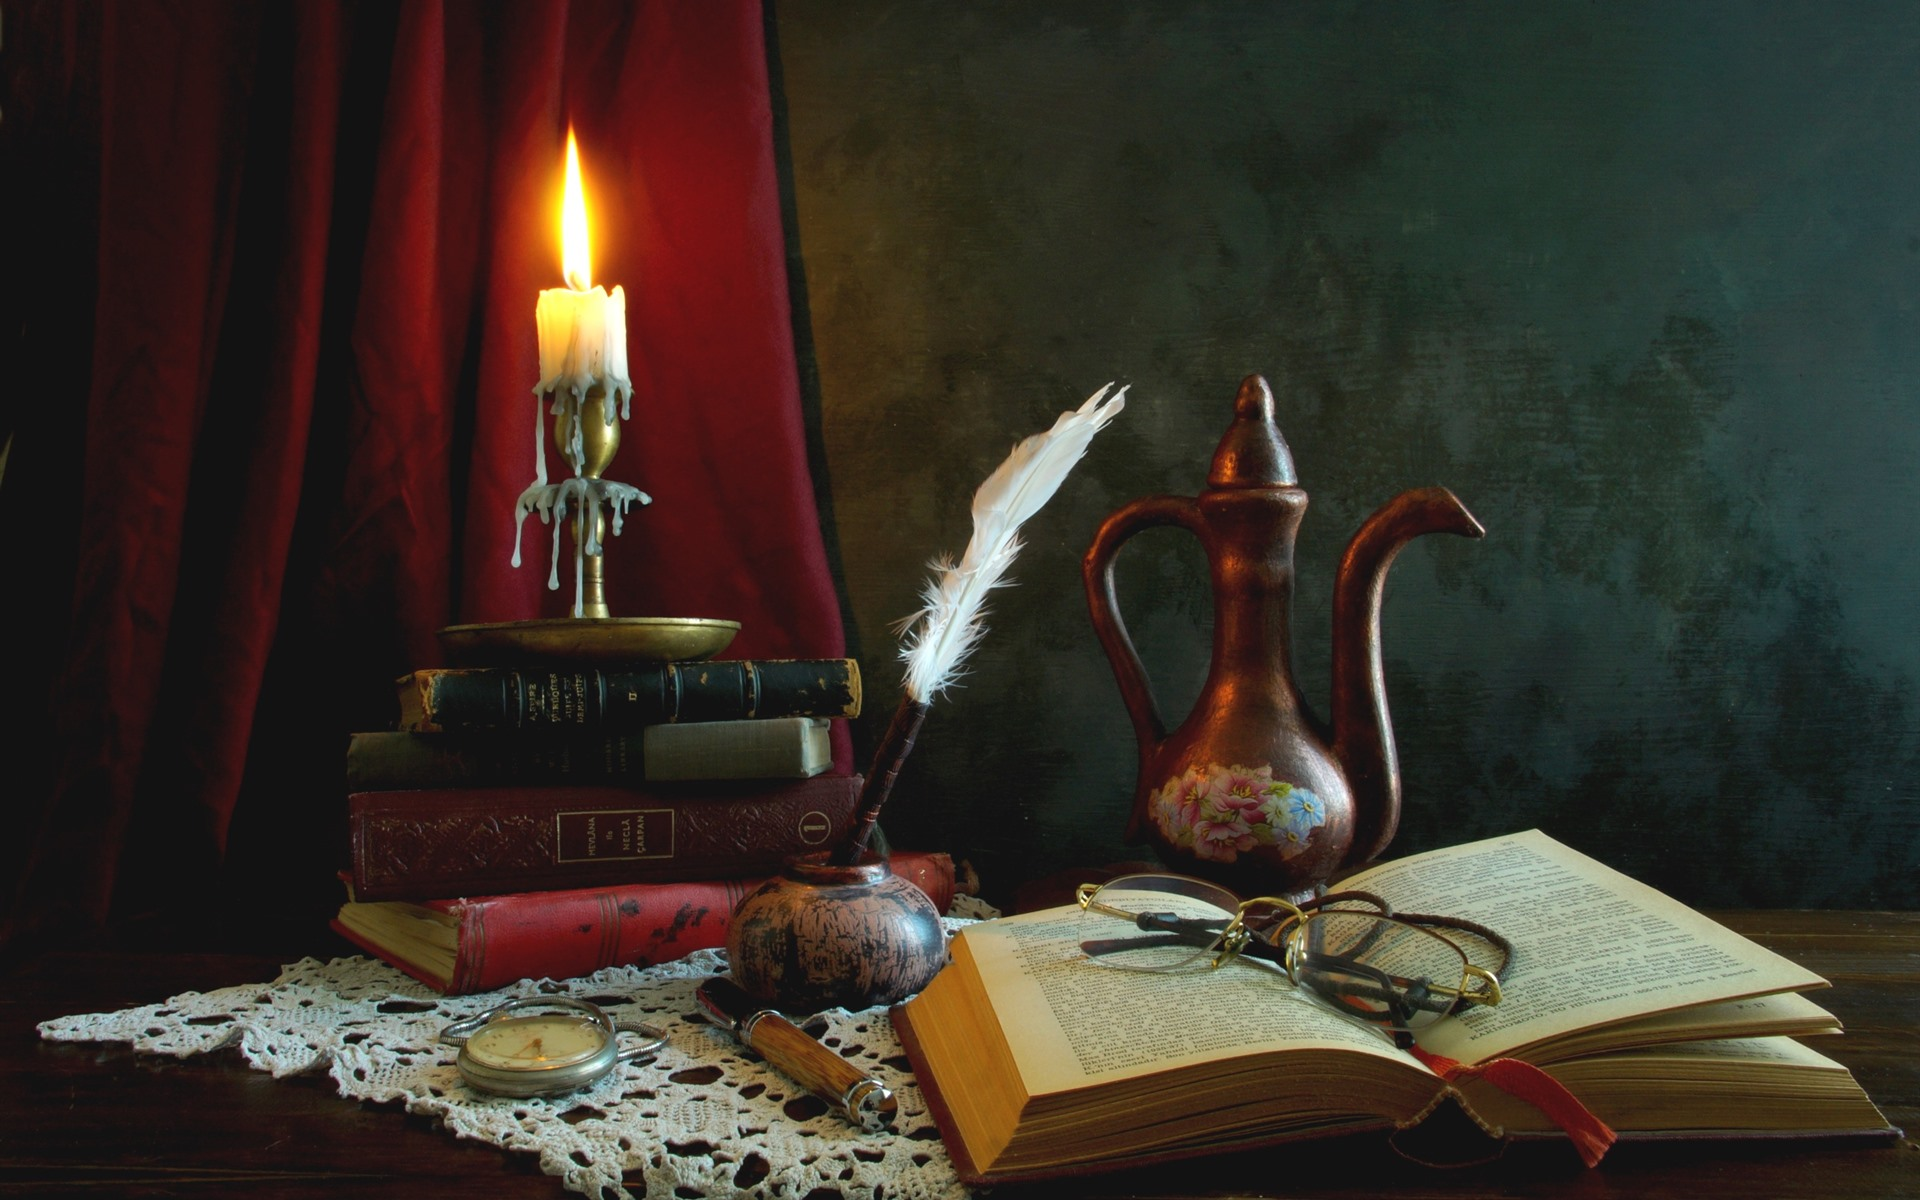 свеча и ручка картинка